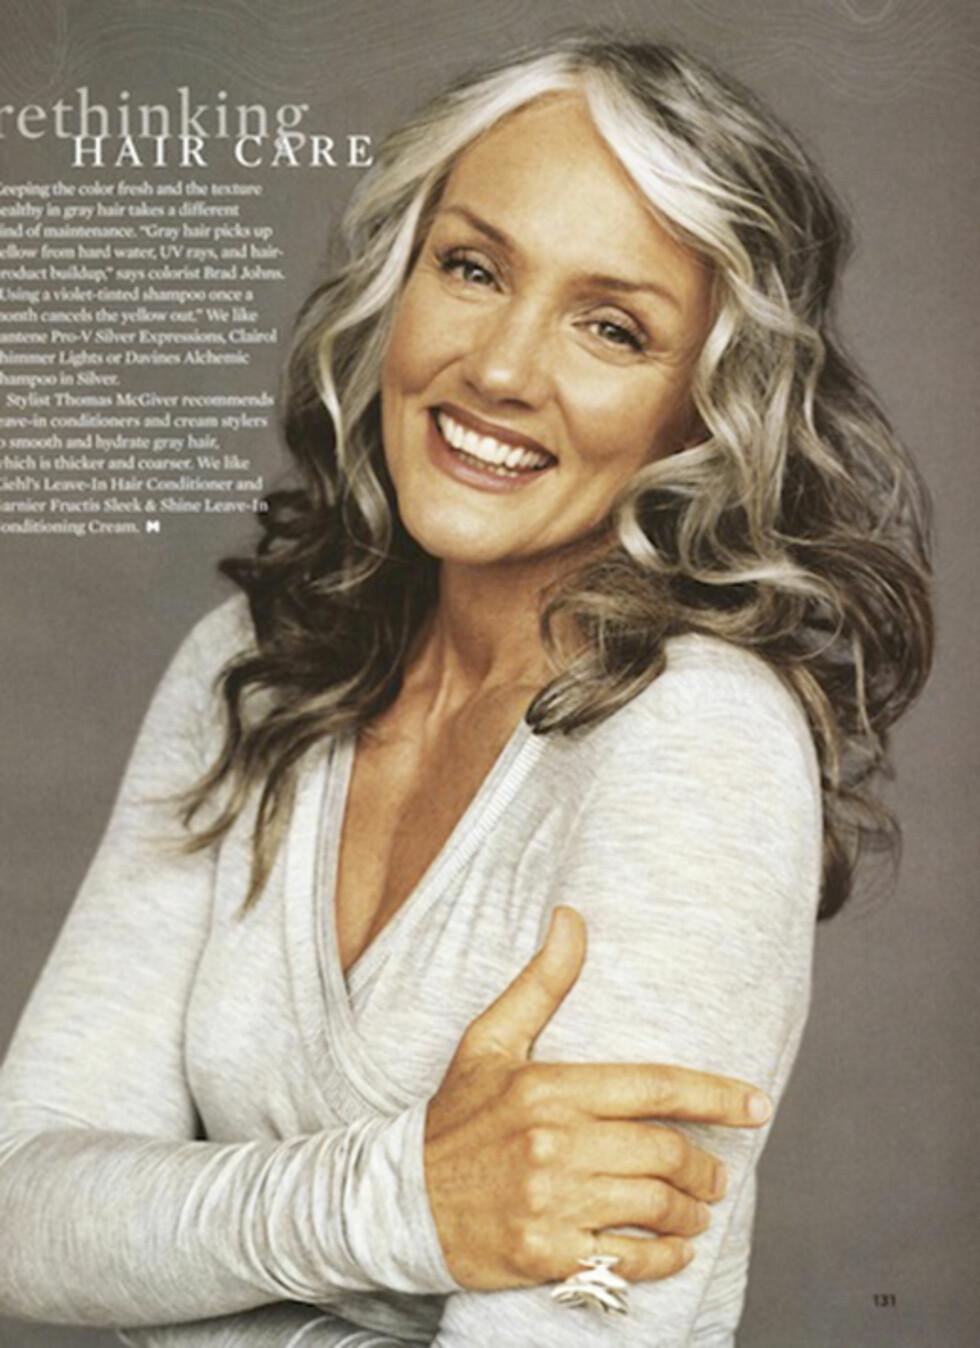 CINDY JOSEPH (66): Amerikansk modell, stylist og gründer. Modellkarrieren skjøt fart da hun som 49-åring bestemte seg for ikke lenger å farge sine sølvgrå lokker. Hun har siden hatt oppdrag for en rekke merker og magasiner. - Ikke forsøk å skjule rynkene, det går ikke. Bruk mindre sminke på huden, og mer fuktighet. Og ha tidsnok fokus på god helse og livsglede som gir en bedre alderdom, har hun sagt til Huffington Post. Foto: Faksimile: More Magazine